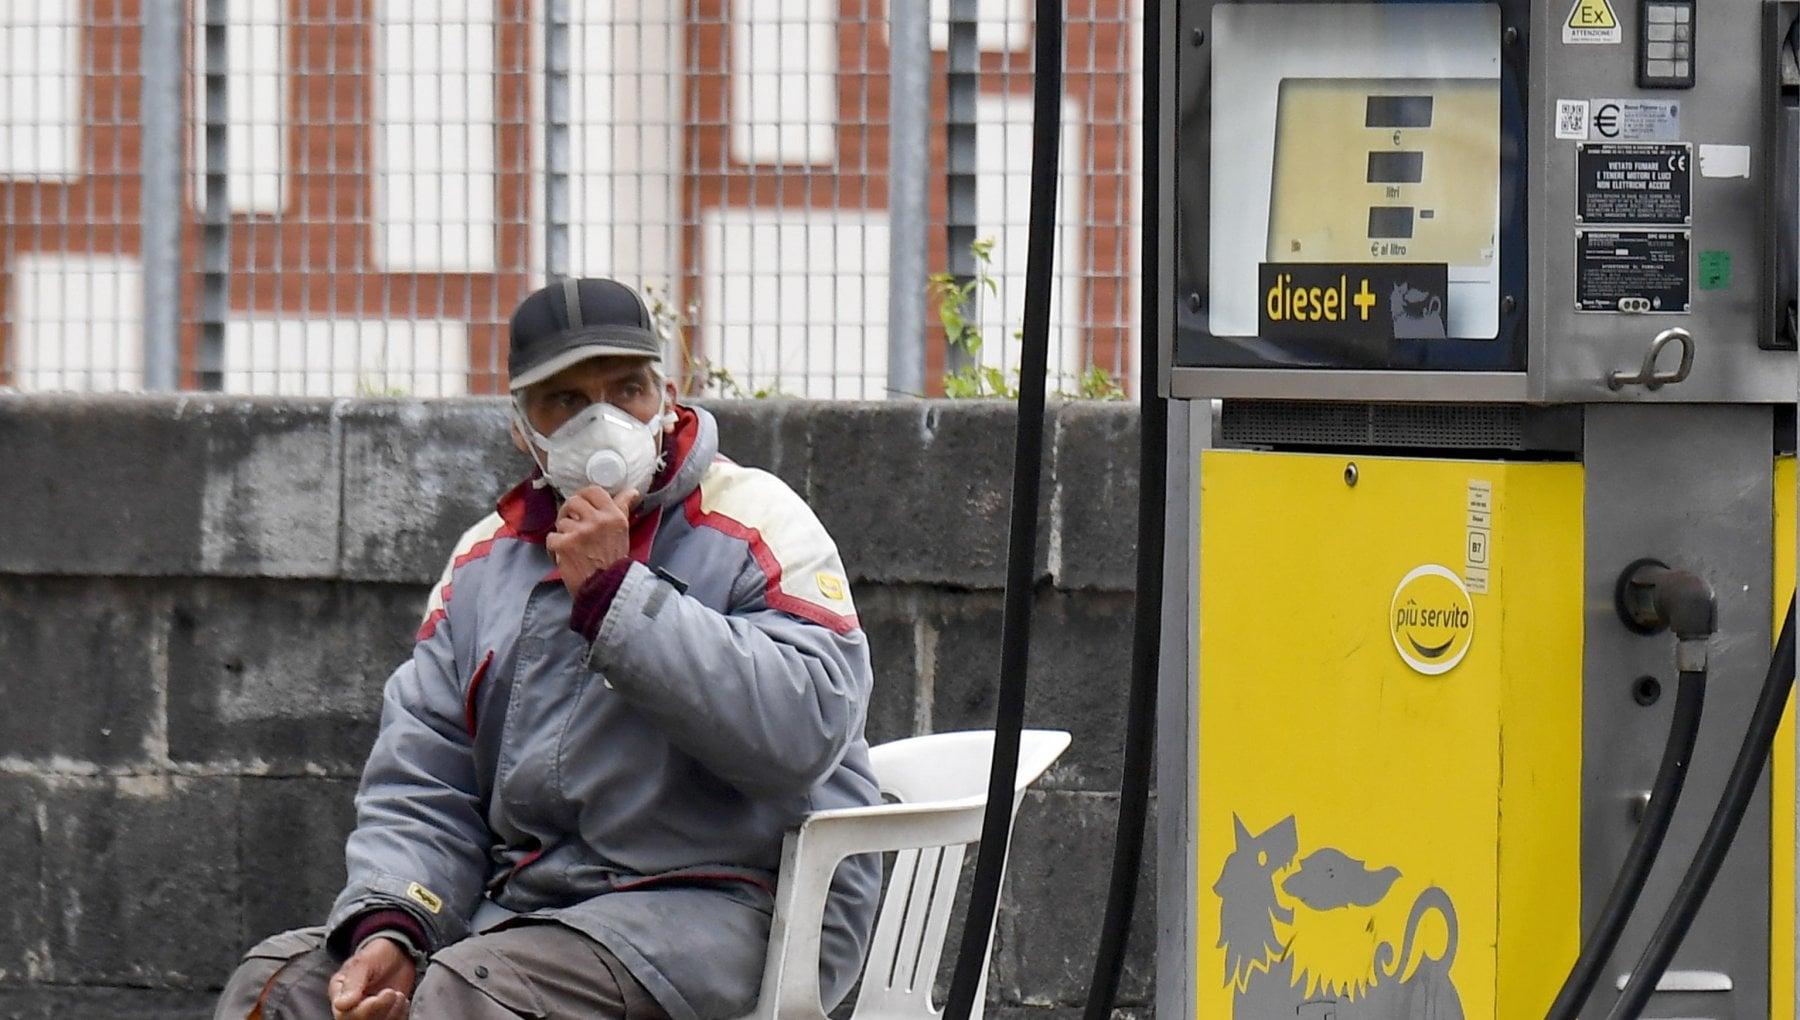 Confermato da lunedi a mercoledi lo sciopero dei benzinai Chiediamo sostegni economici